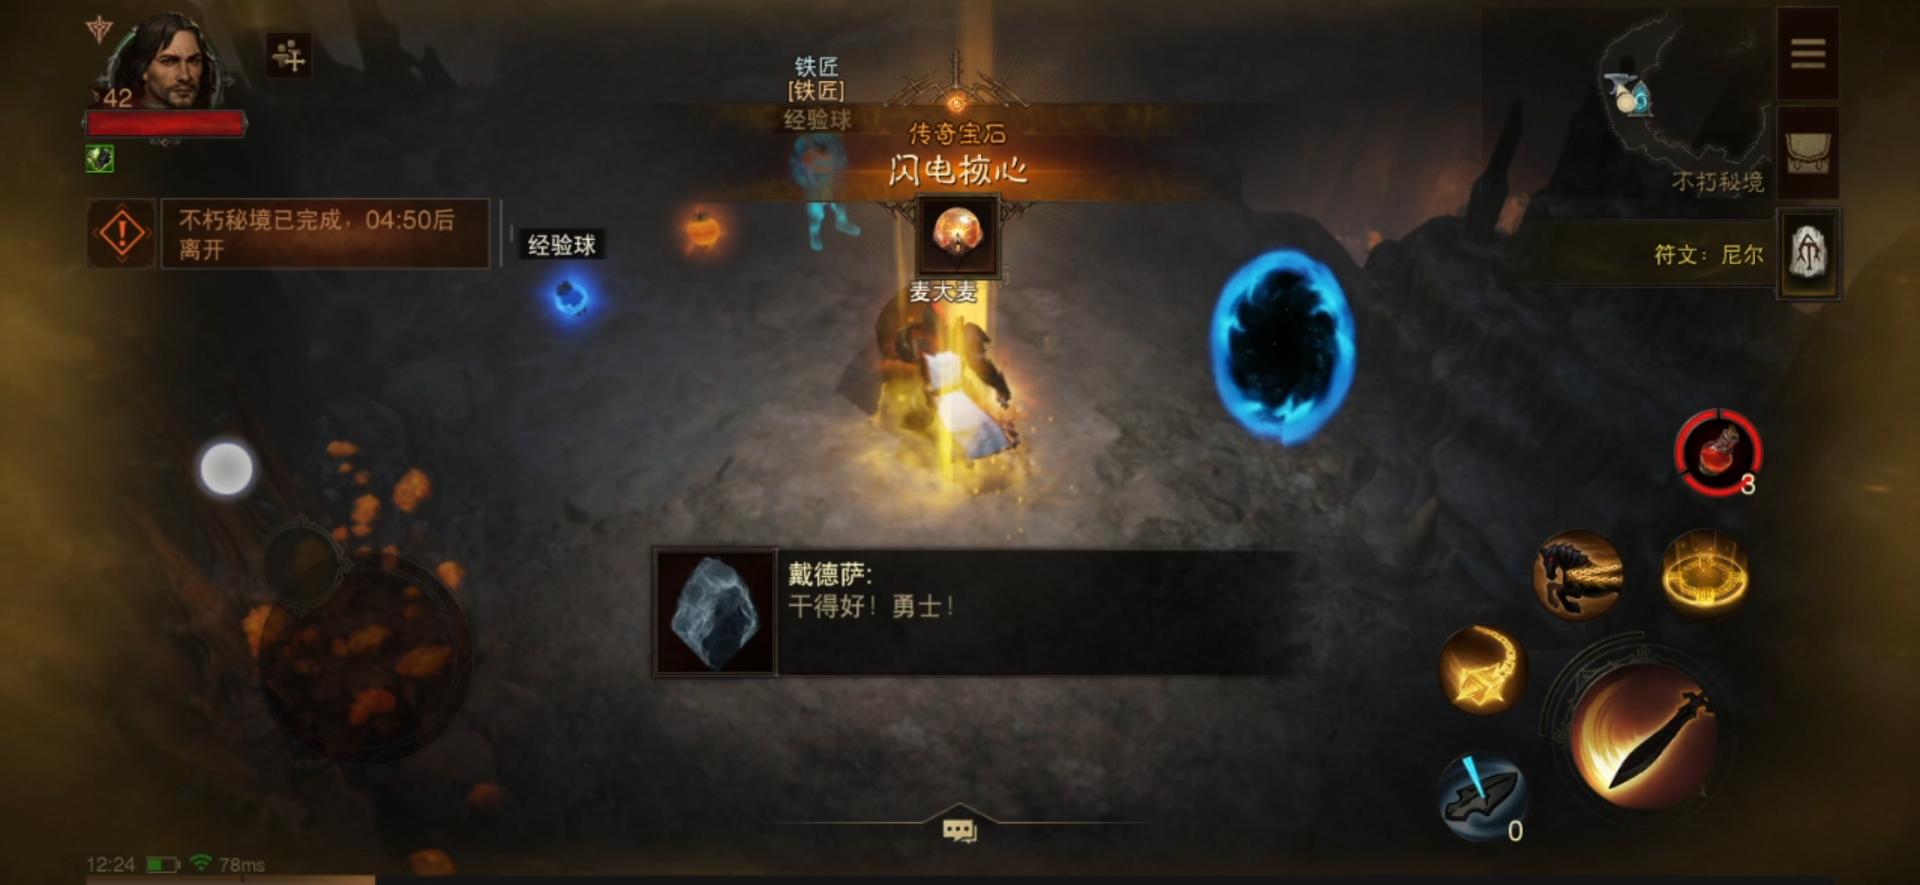 暗黑不朽如此简化的技能系统能否支撑起游戏深度?